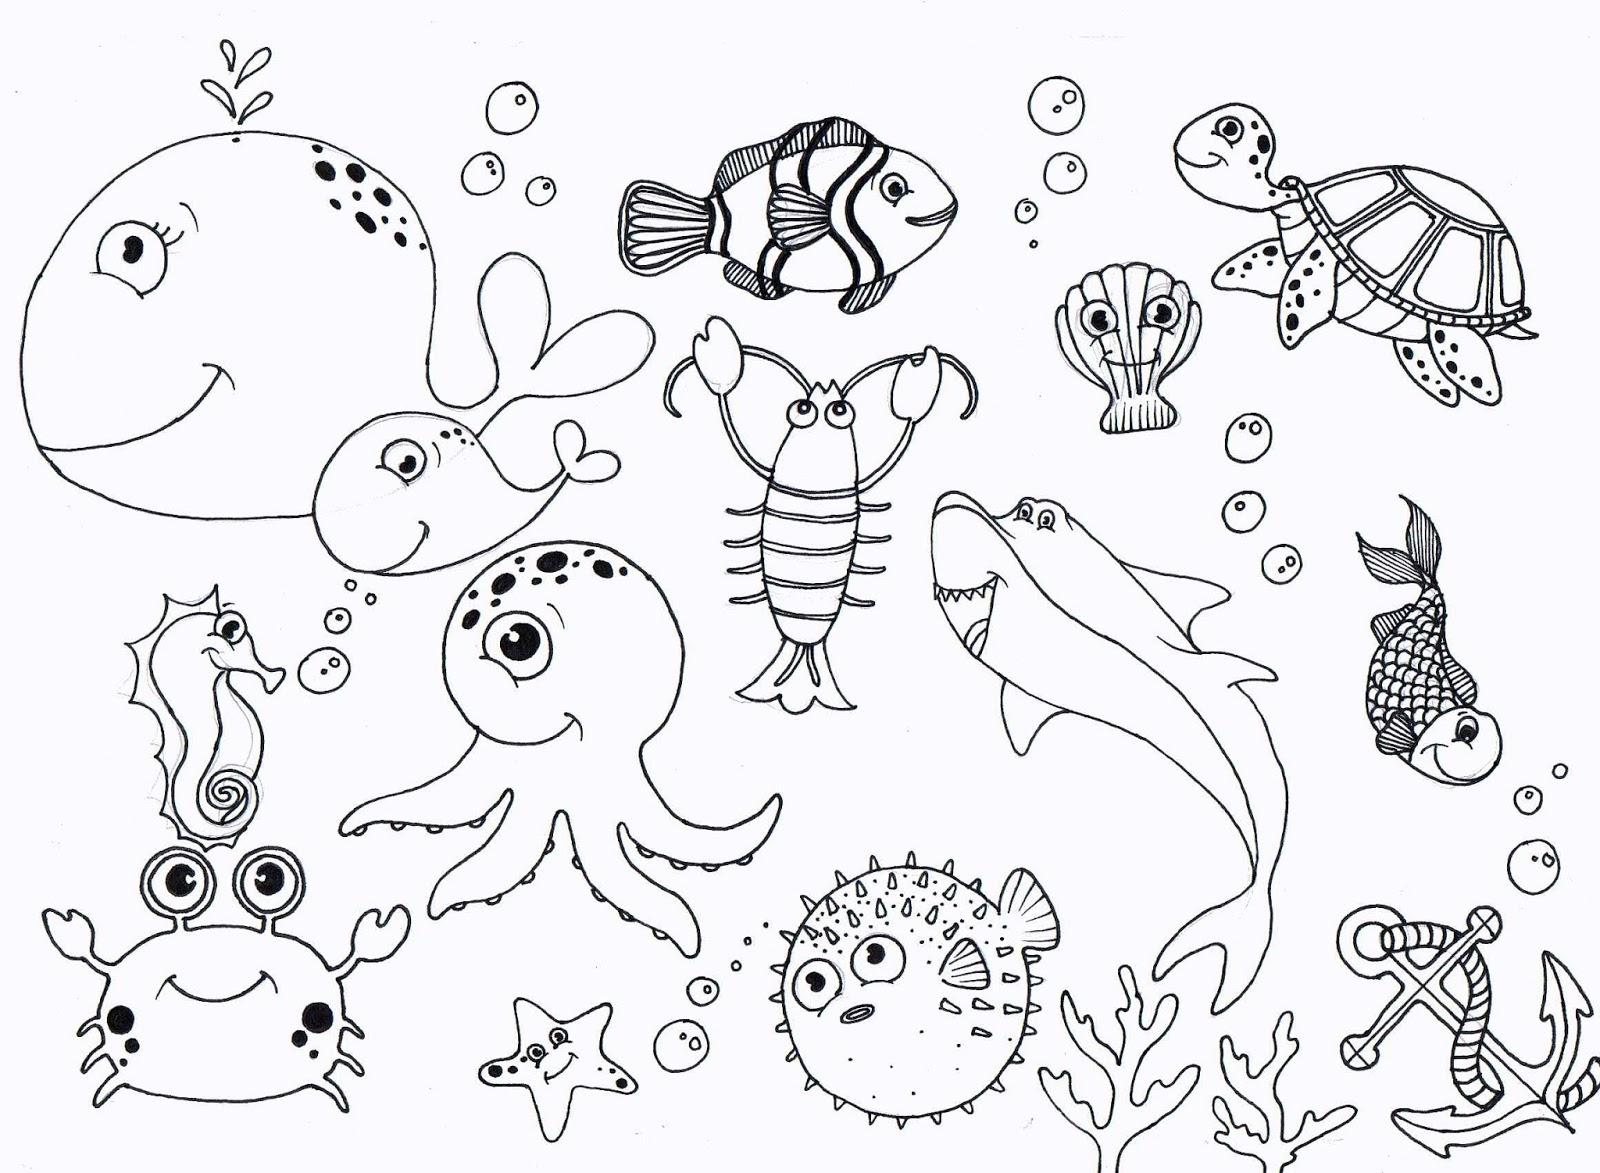 Pacific Ocean Worksheet For Preschool